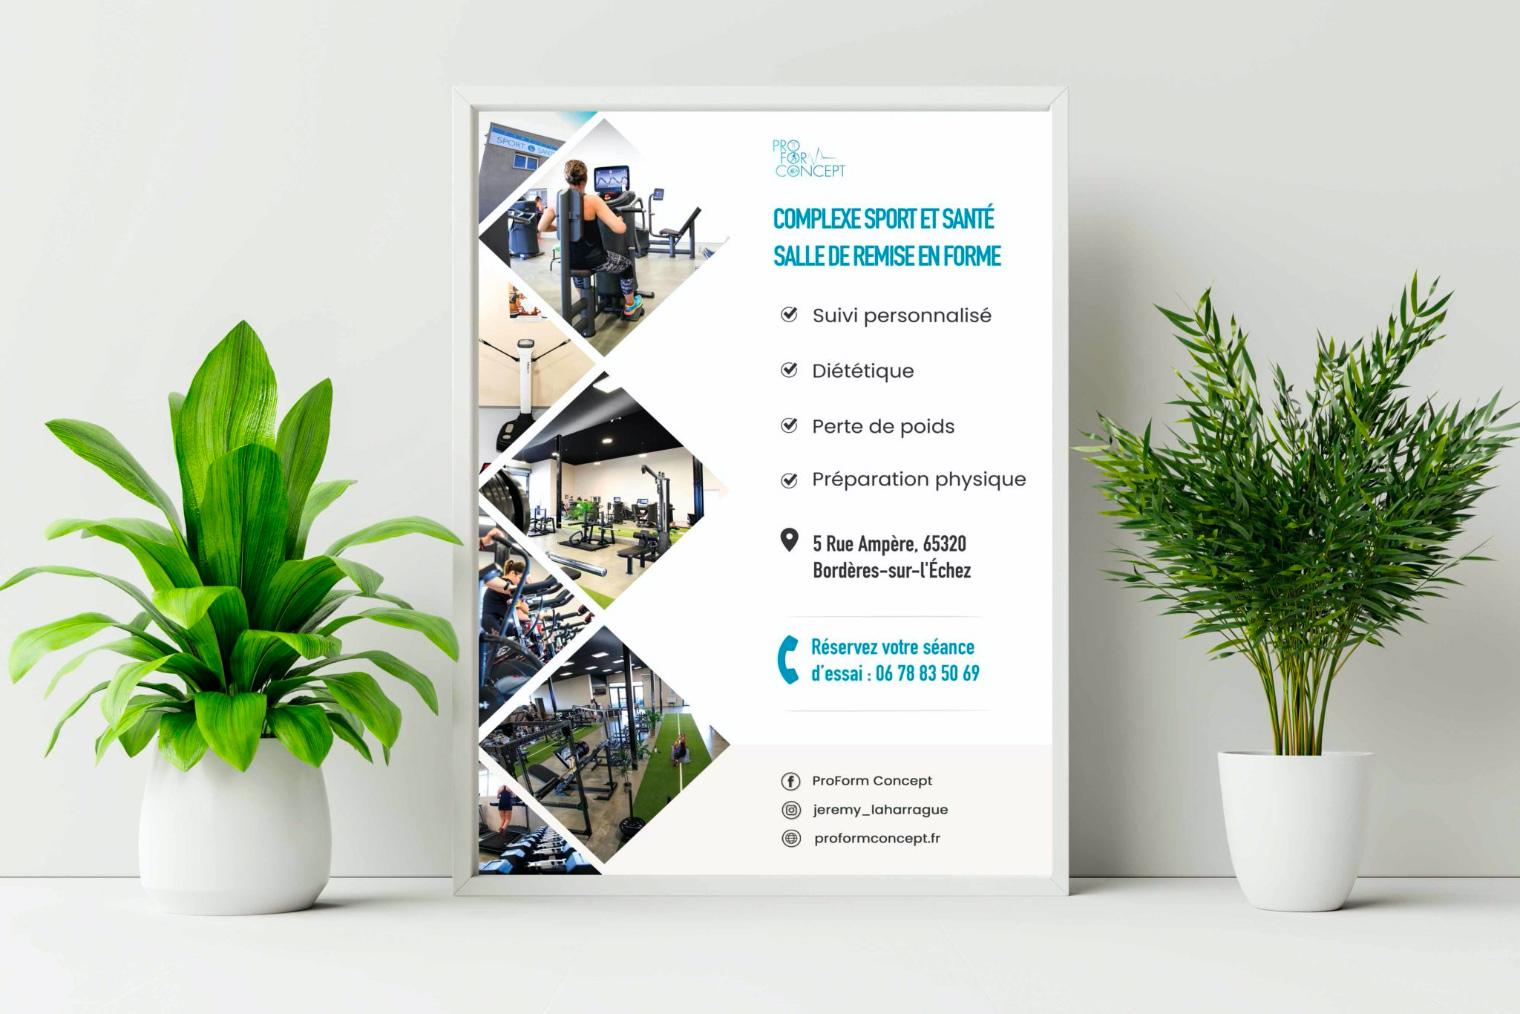 Une affiche pour la salle de remise en forme ProForm Concept.